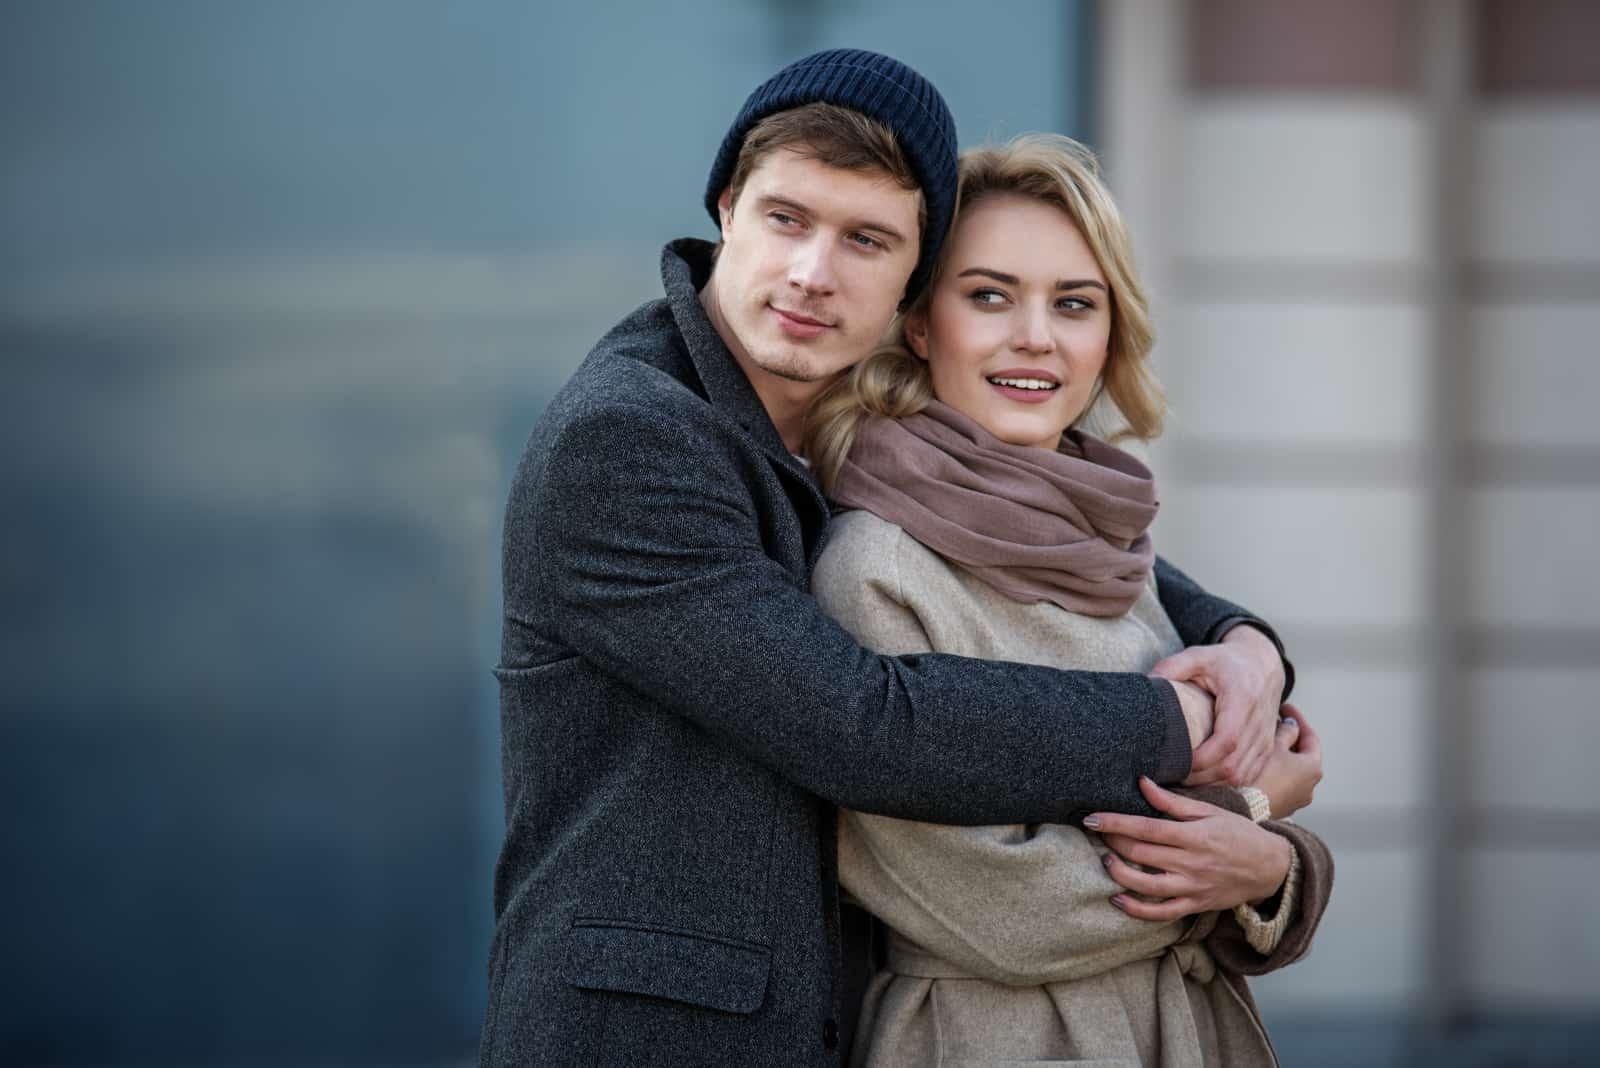 härligt attraktivt par som kramar varandra medan de tittar in på avstånd